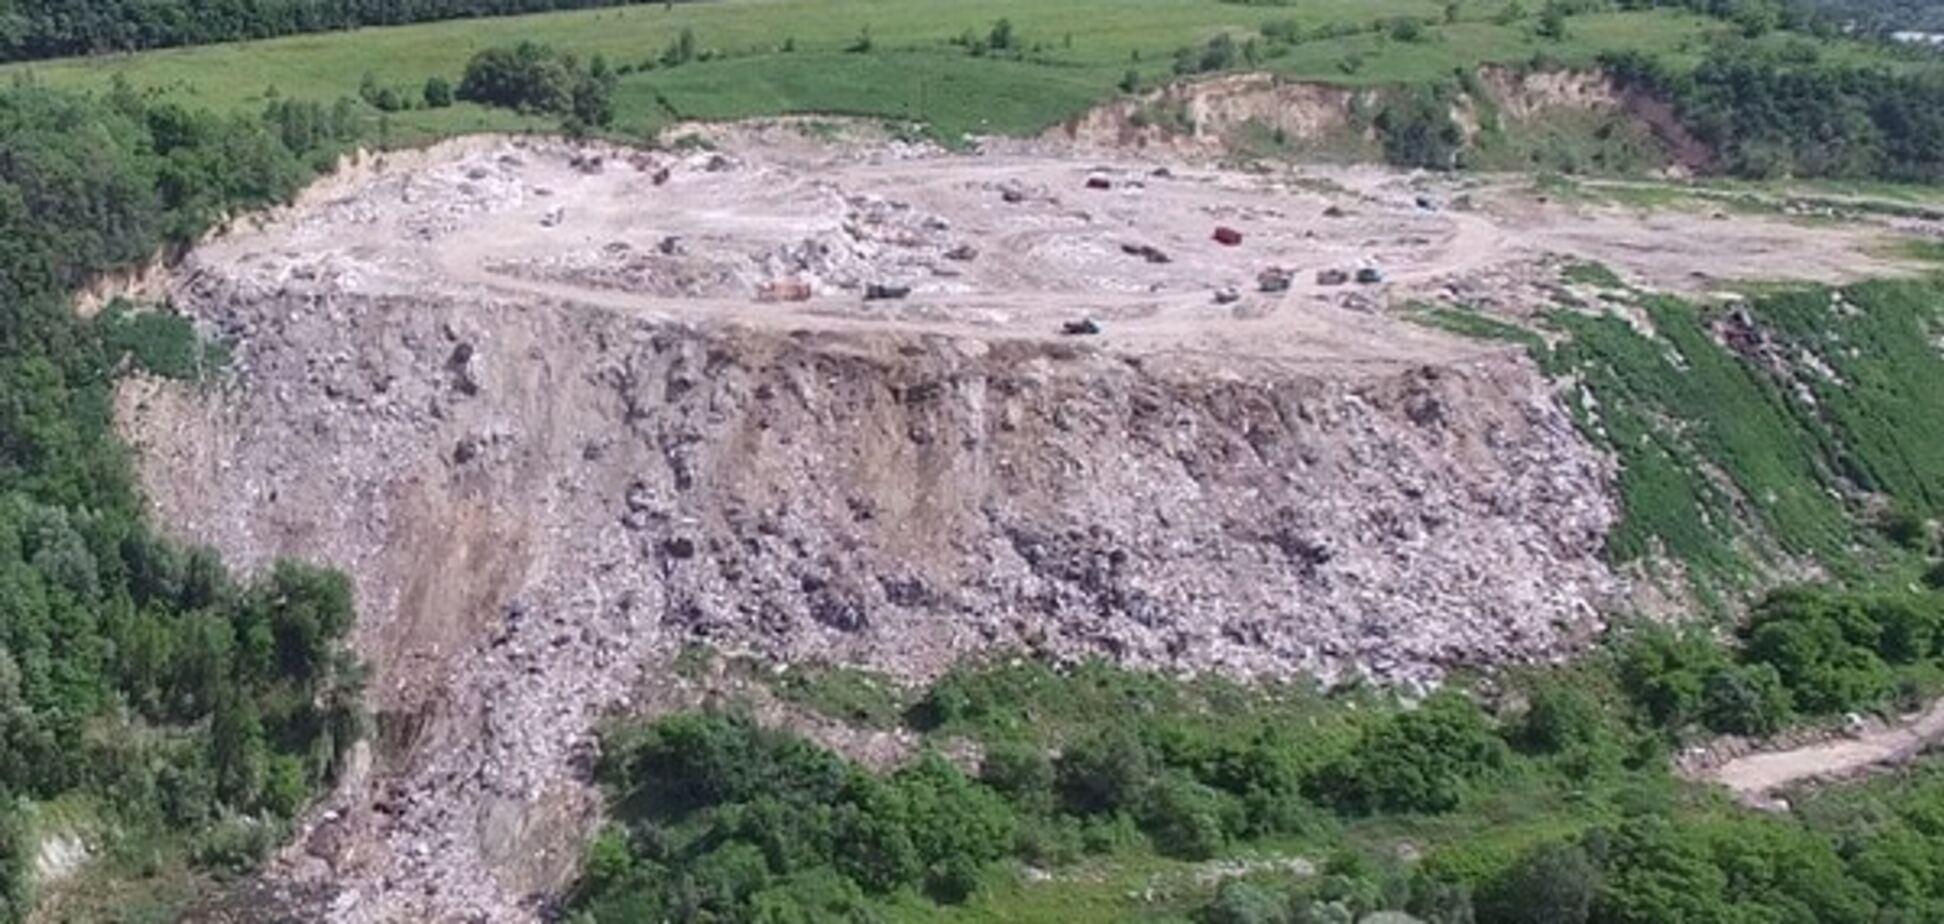 'Мусорный Эверест' Киева: мегасвалка в зеленой зоне столицы - видео с воздуха